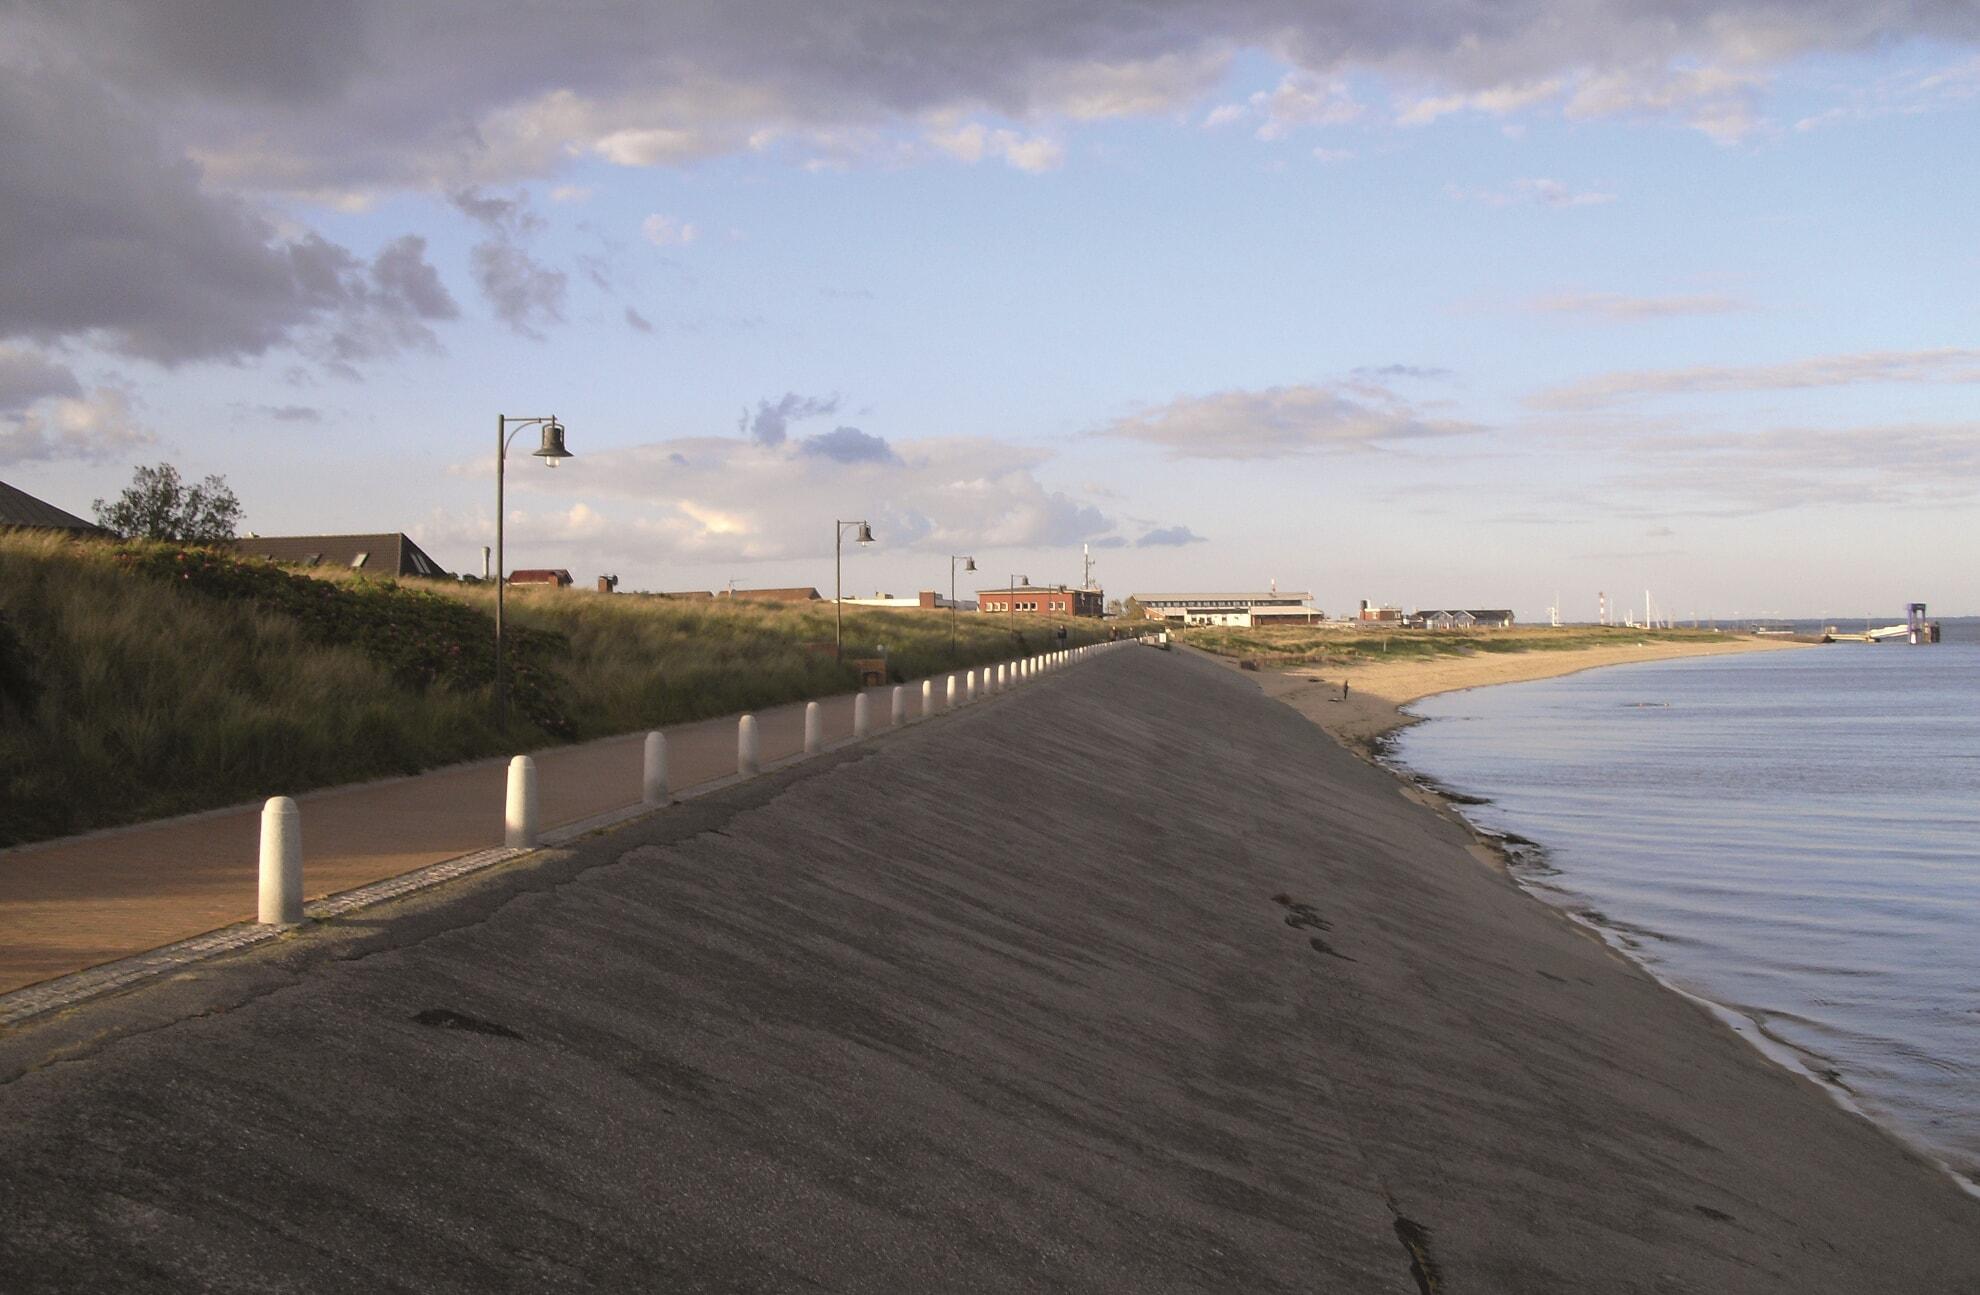 Oststrandpromenade